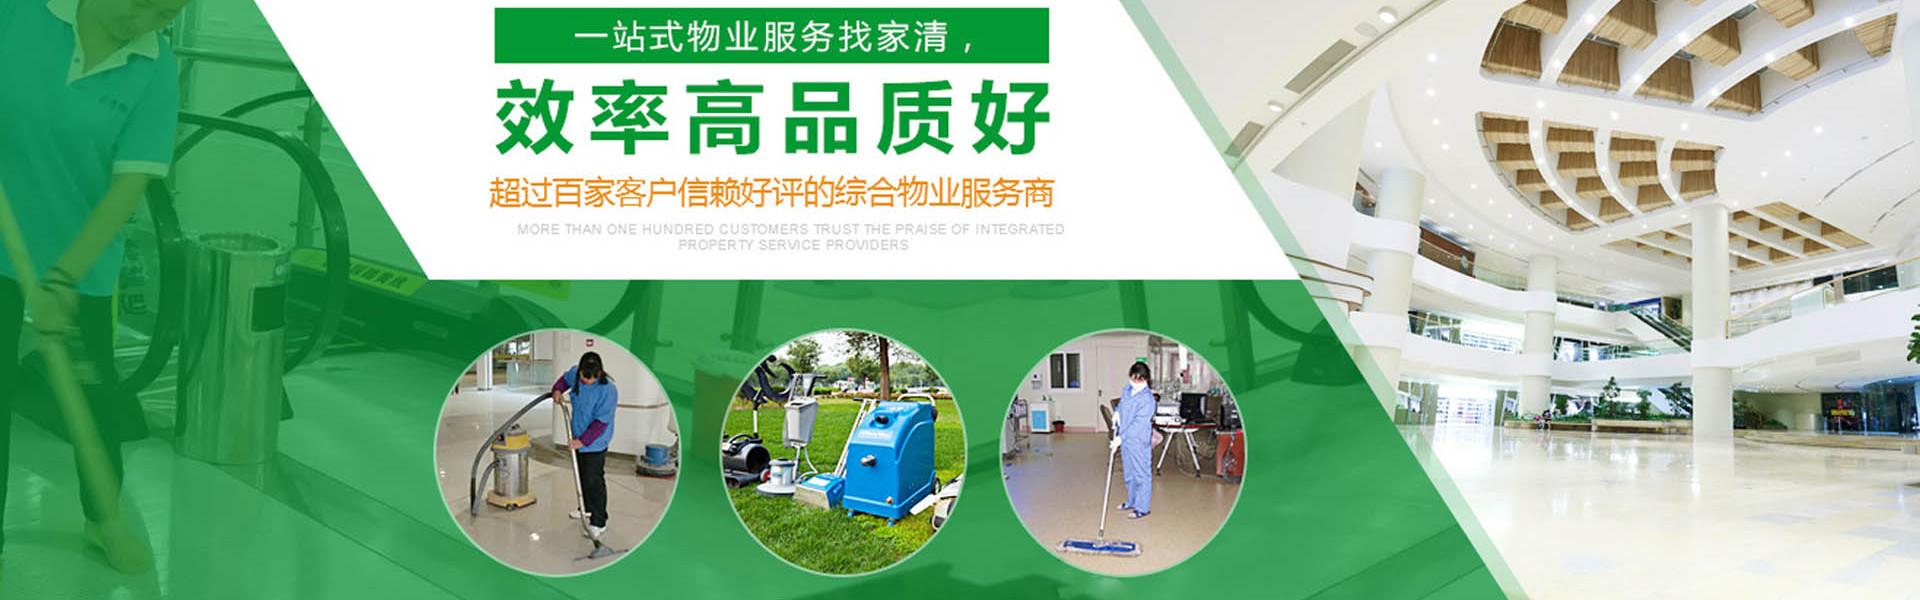 武汉家清物业网站首页形象图-一站式物业服务